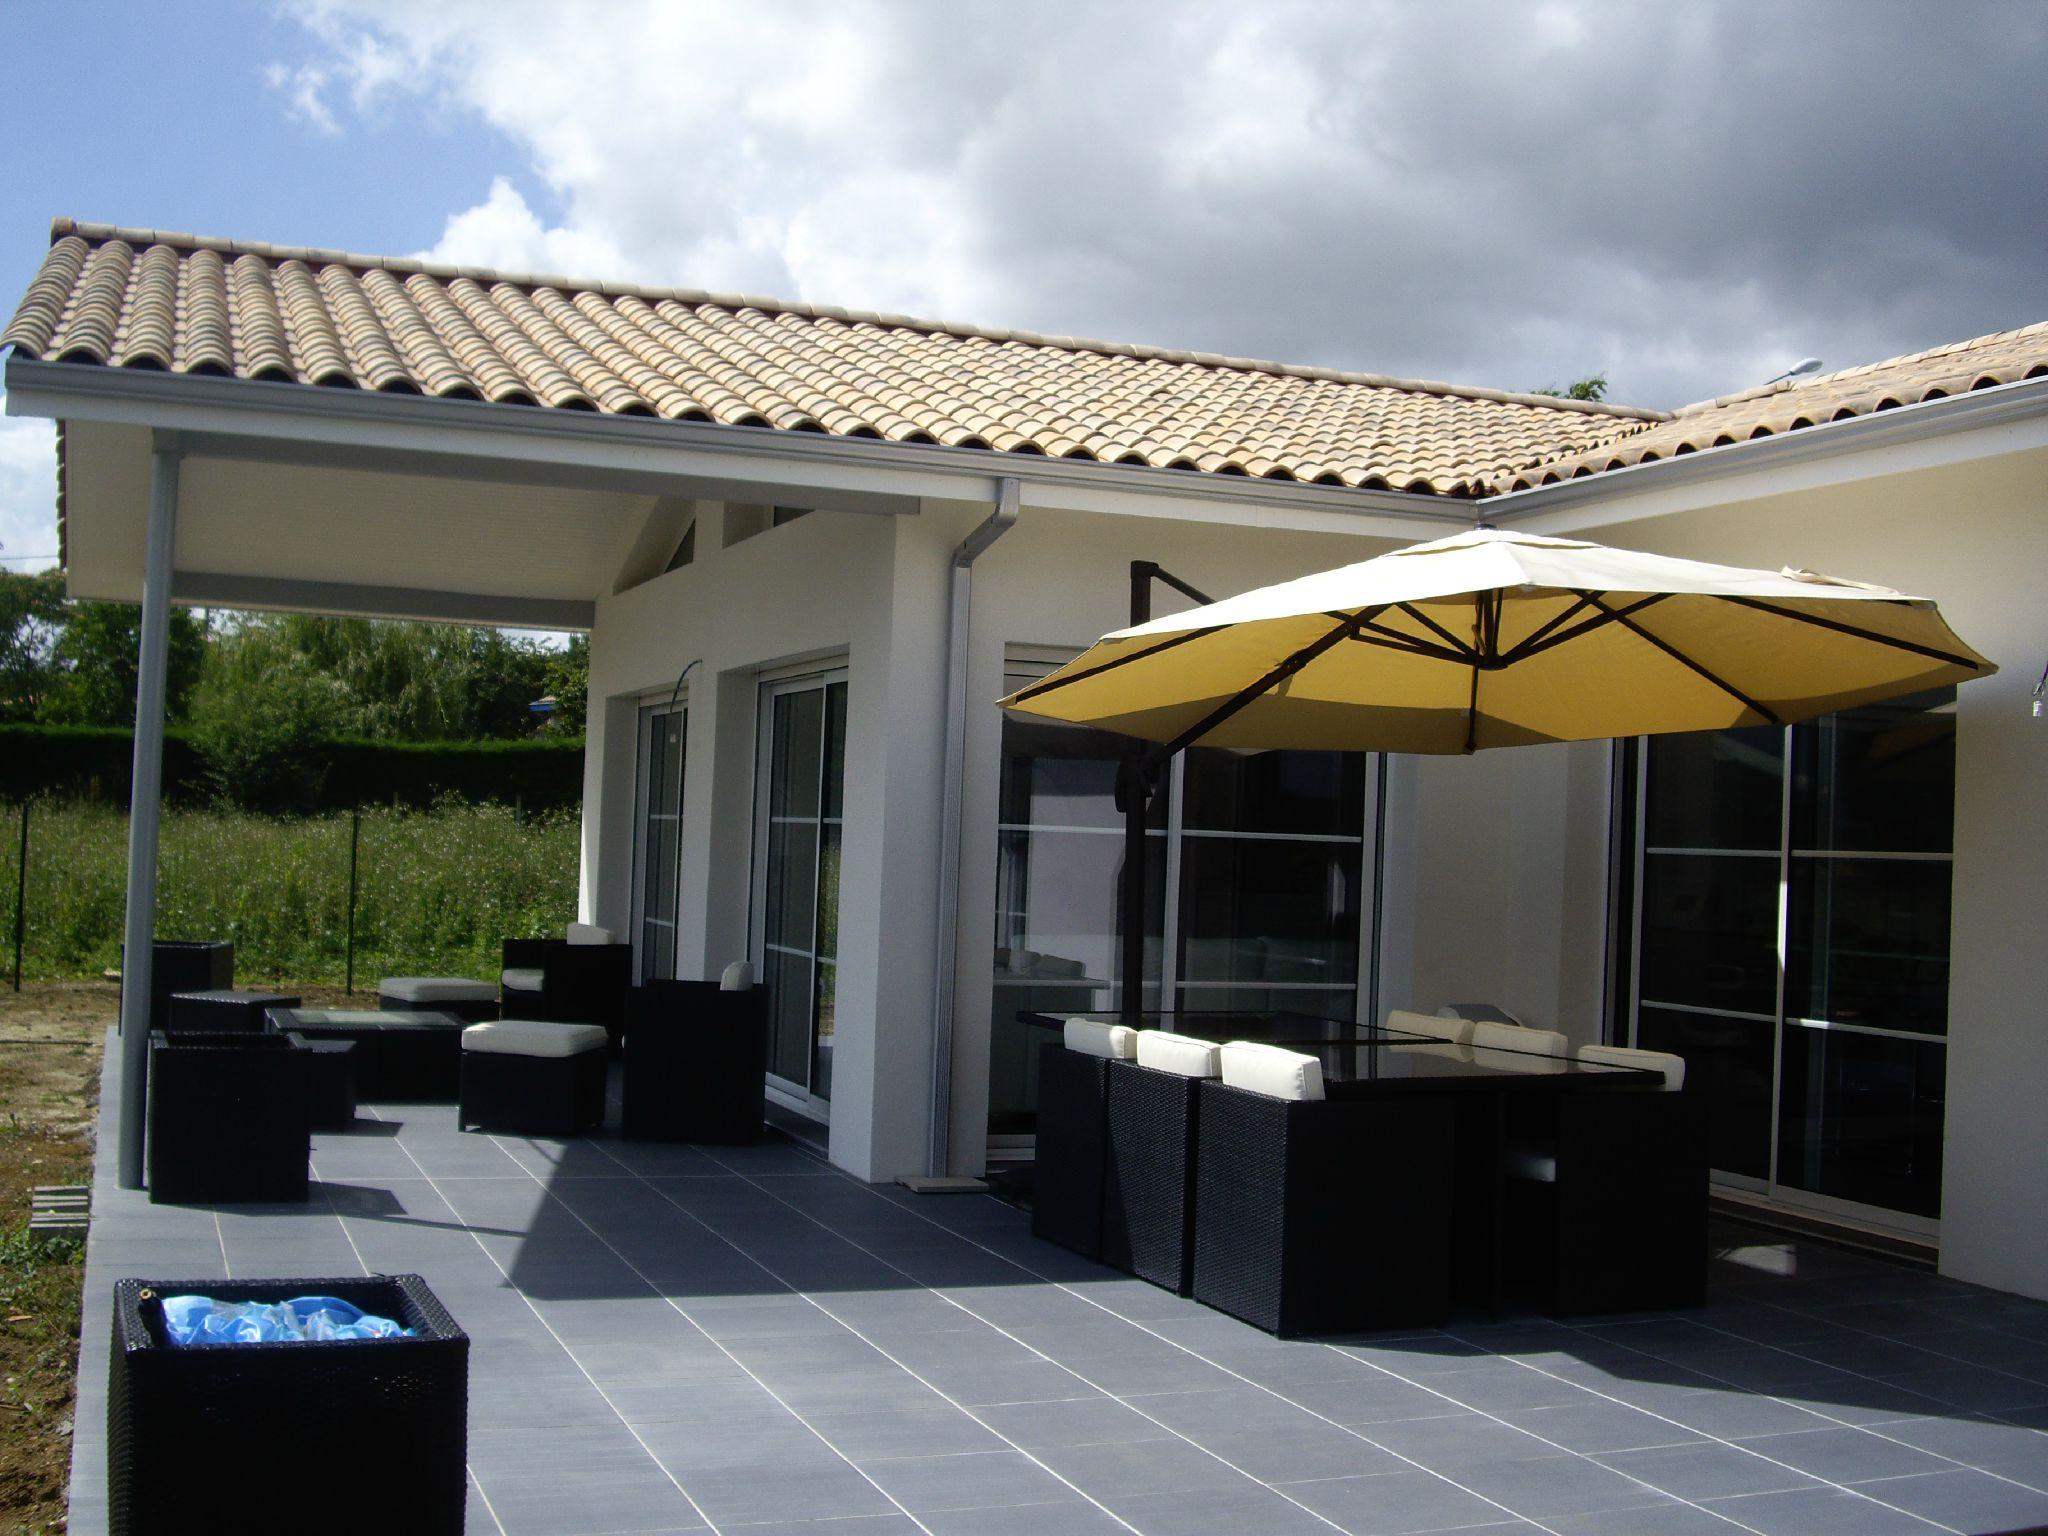 terrasse carrel e acces par baies vitr es la cuisine et au salon photo de maison neuve. Black Bedroom Furniture Sets. Home Design Ideas